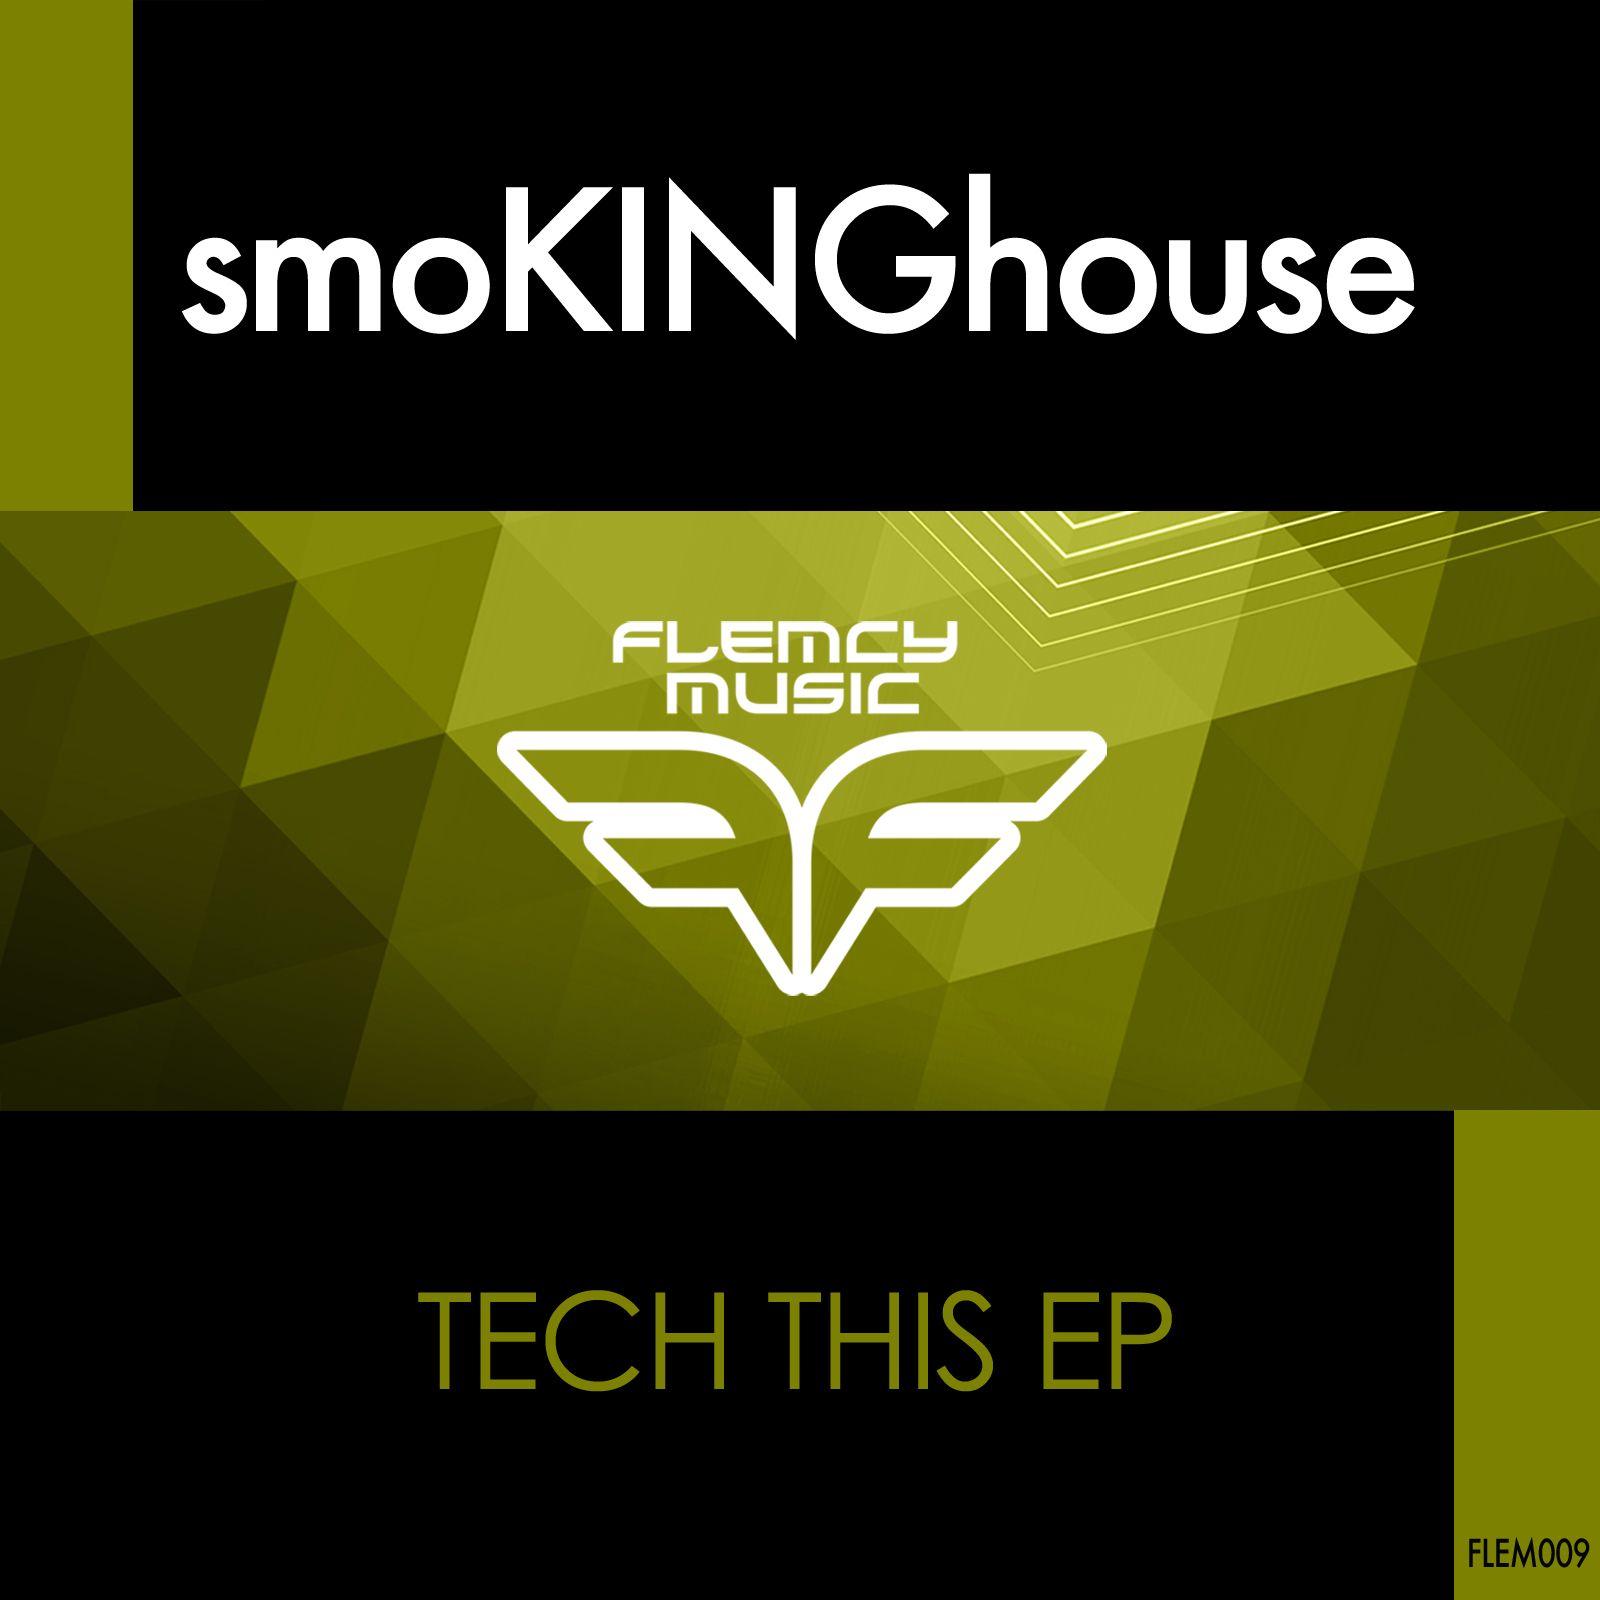 smokinghouse_-_tech_this_ep.jpg